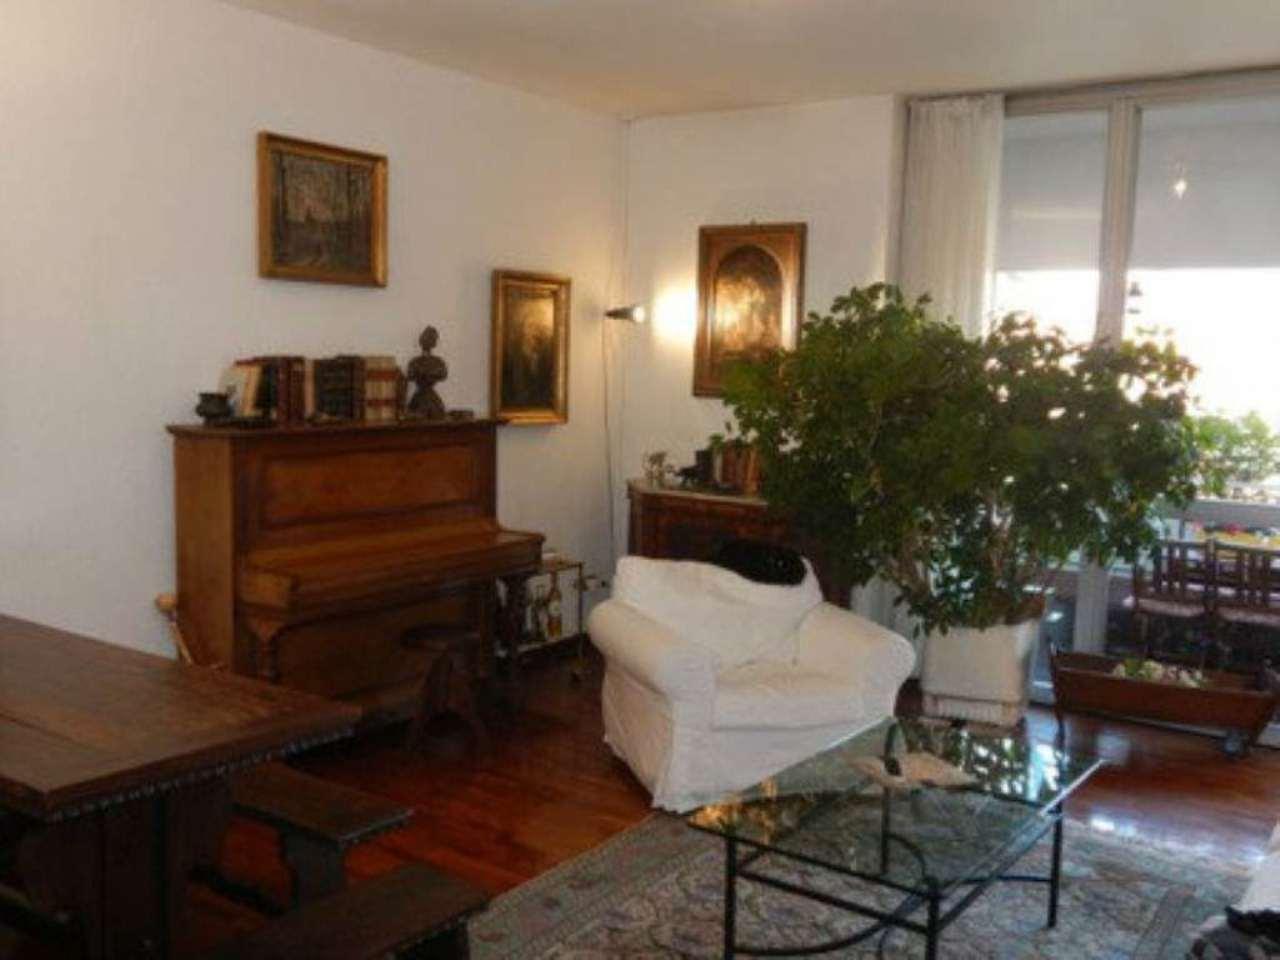 Attico / Mansarda in vendita a Segrate, 5 locali, prezzo € 699.000 | CambioCasa.it